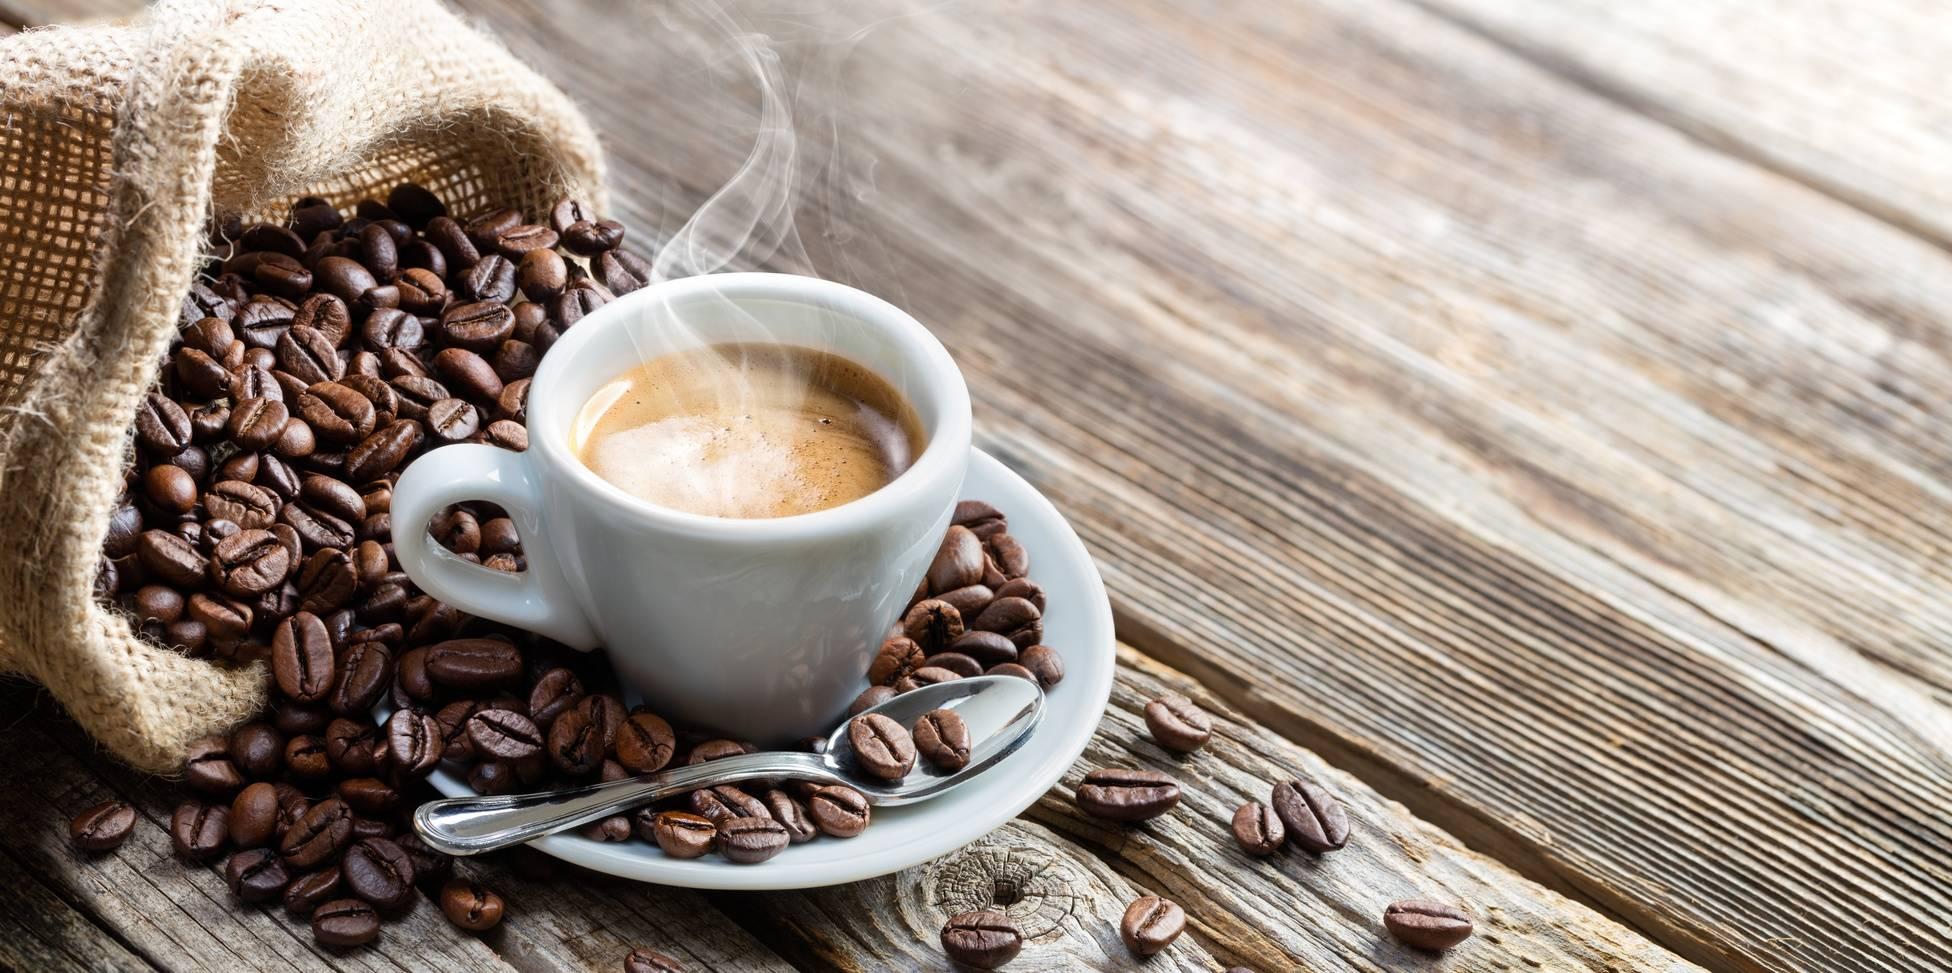 Kawa zawiera kofeinę. Czy kofeina jest zdrowa?